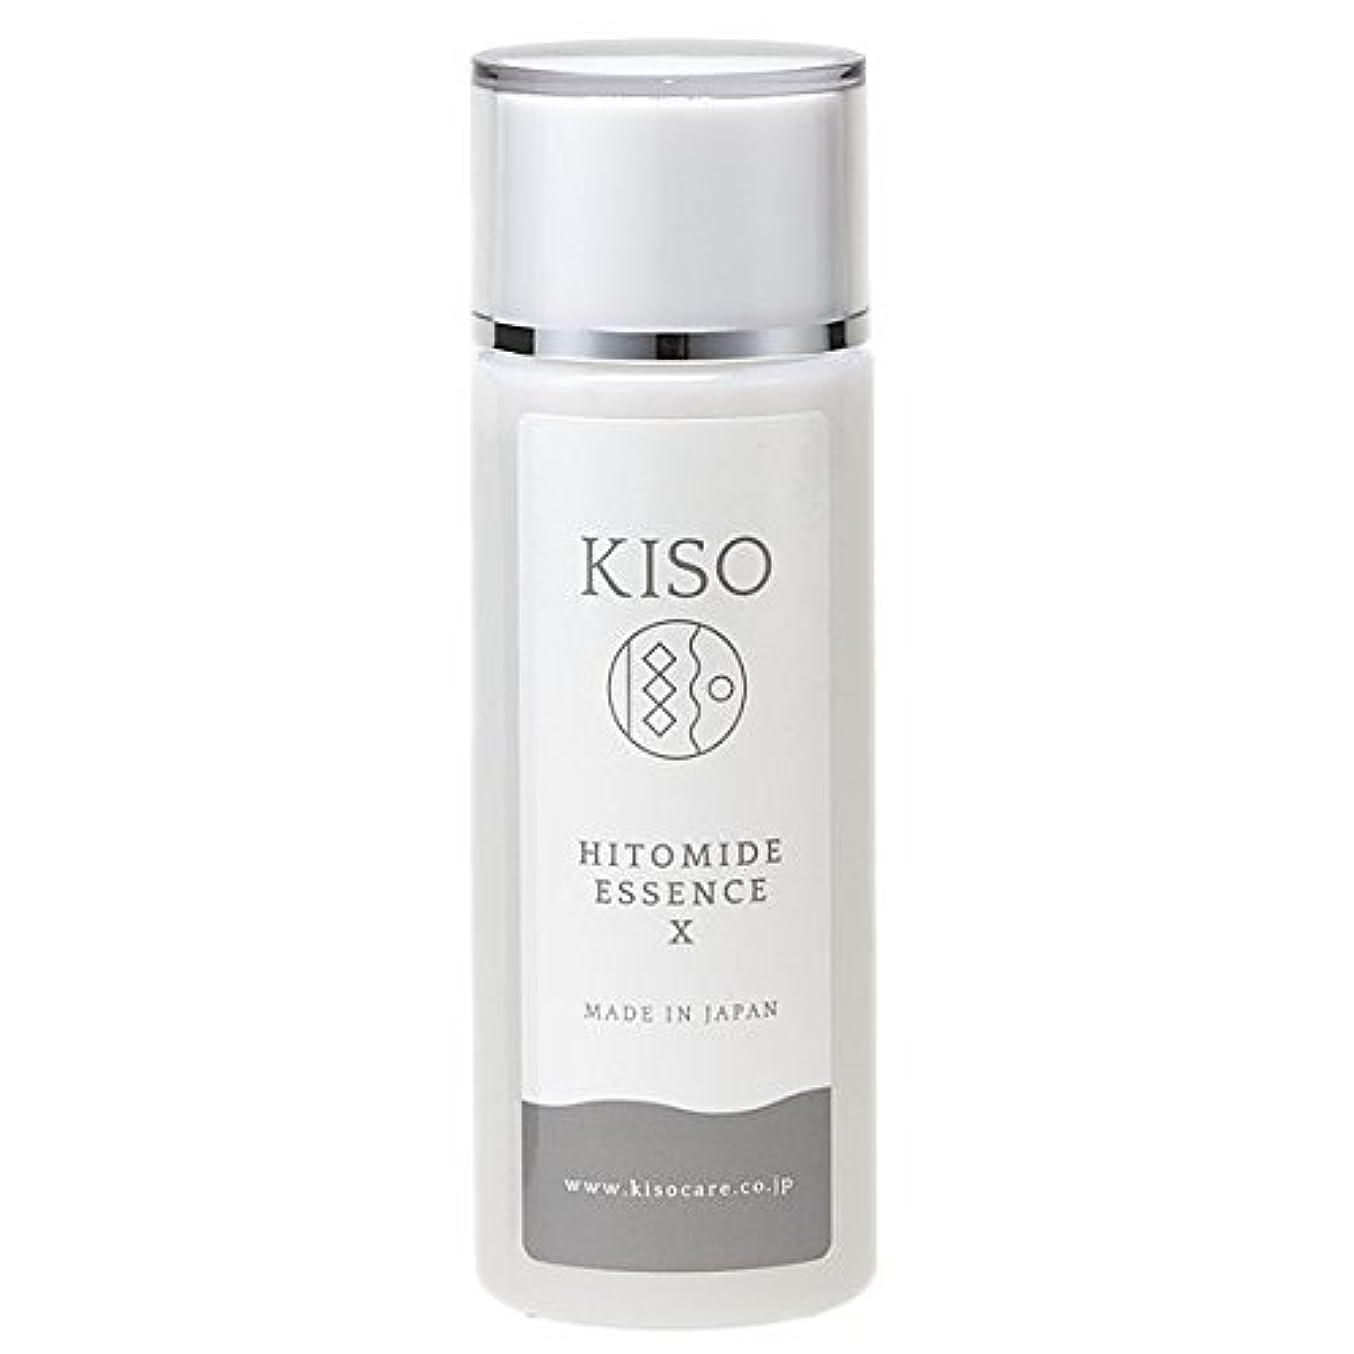 説明するコールド限りKISO ヒト型セラミド原液 10%配合 【ヒトミドエッセンスX 120ml】 保湿力アップ 肌荒れを防ぎキメを整えたい時に